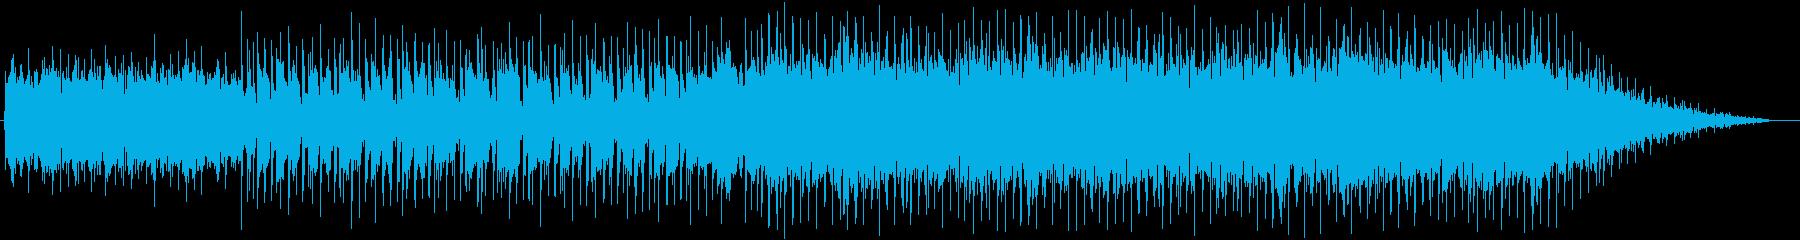 エンディング向きの爽やかなポップ・伴奏版の再生済みの波形